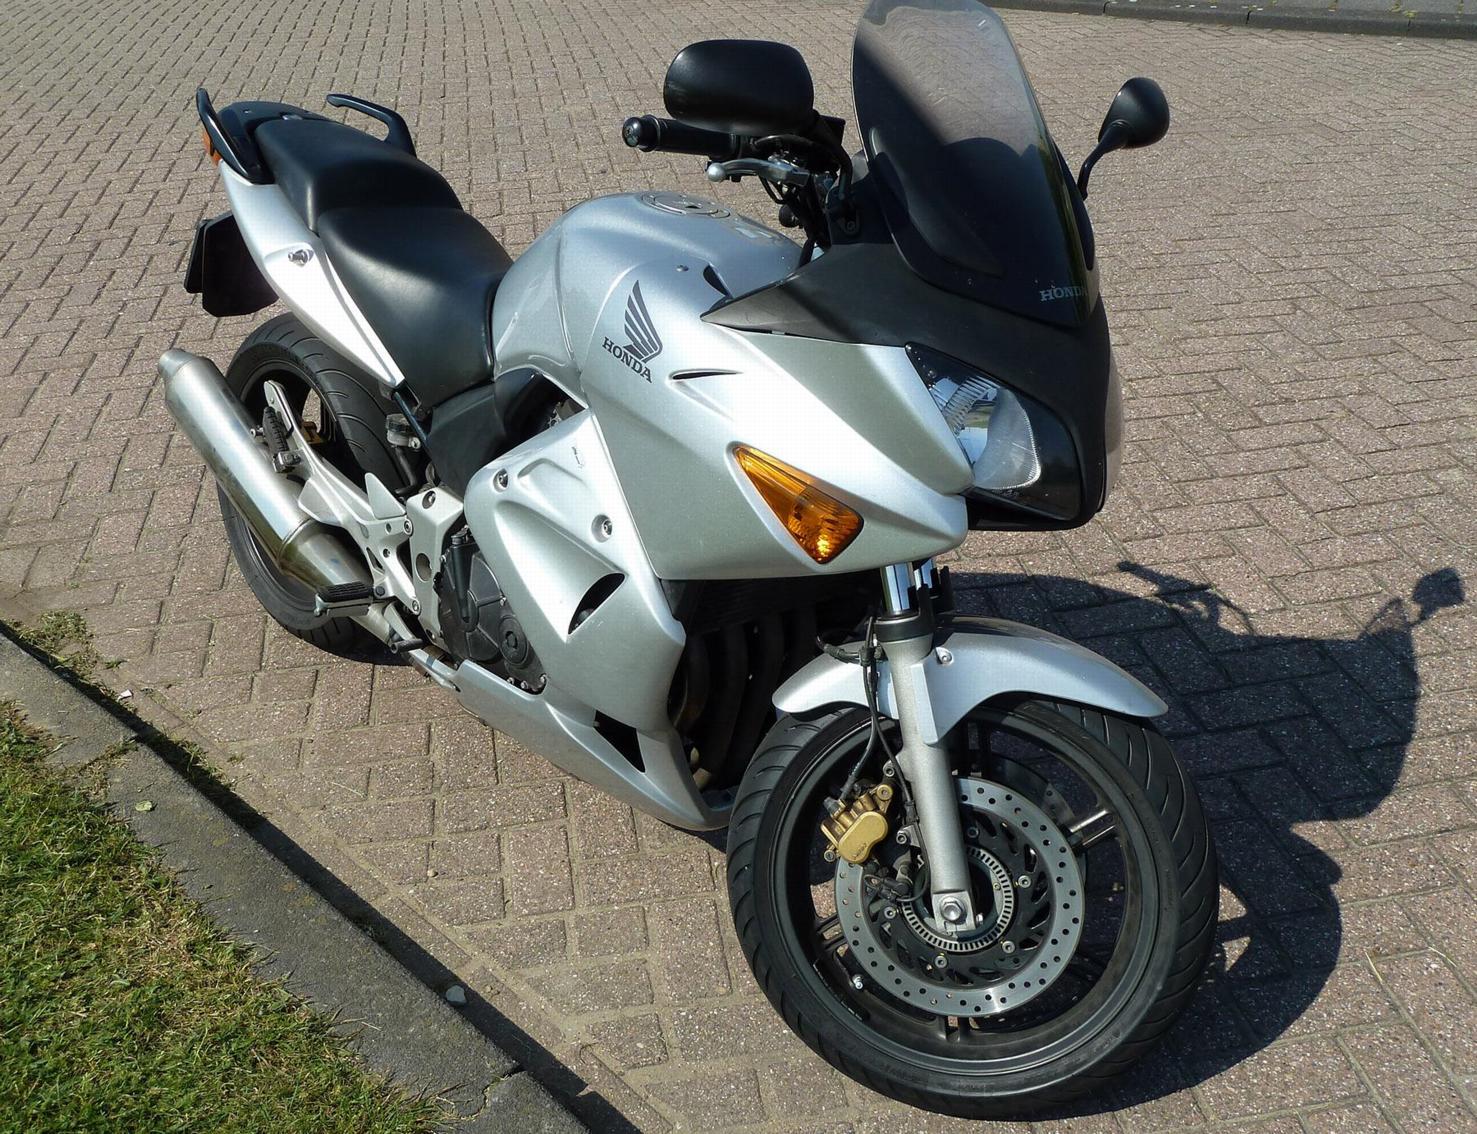 Te Koop: HONDA CBF 600 S ABS - BikeNet